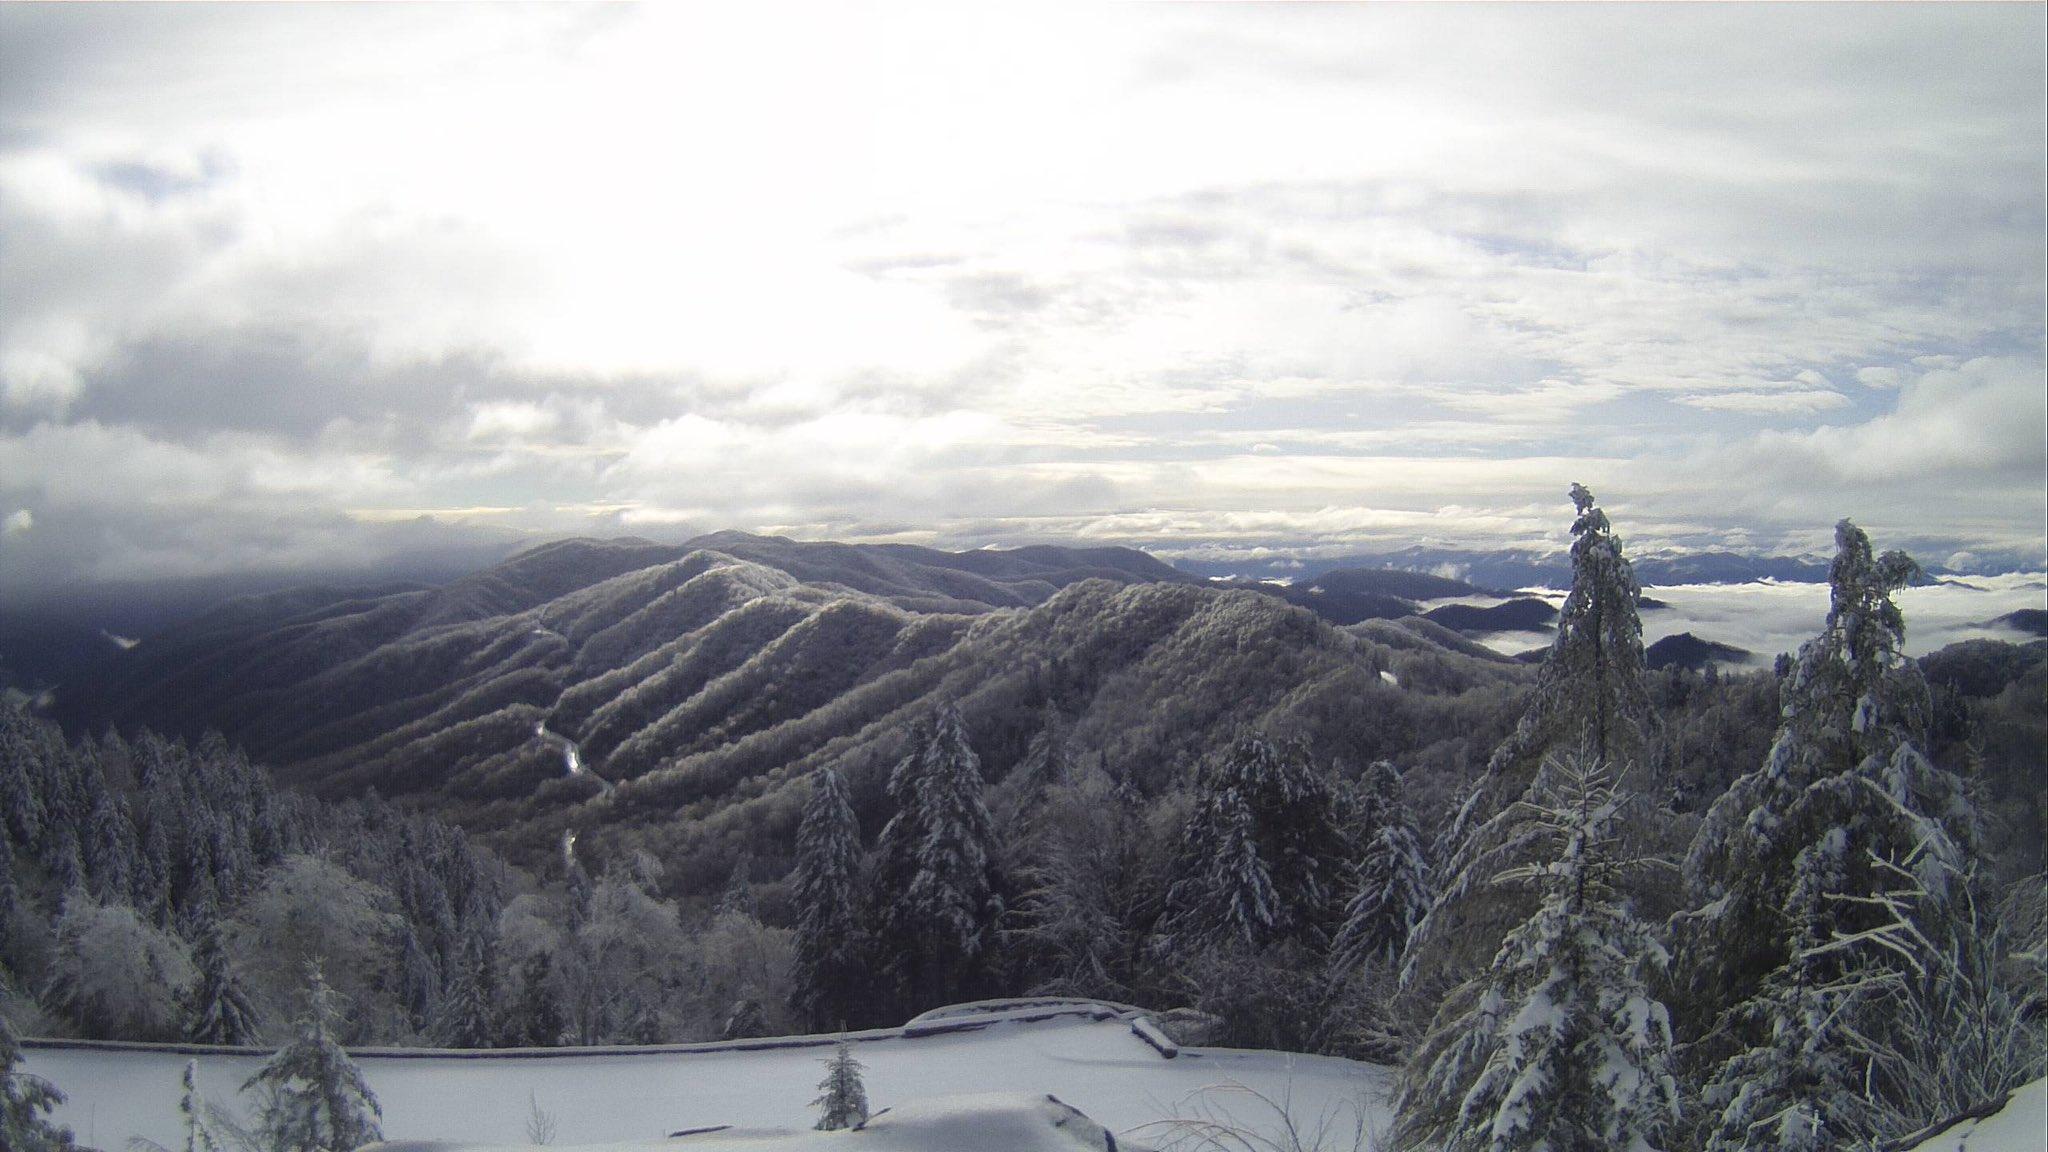 Snow Newfound Gap Smoky Mountains NC 12 10 18_1544508694861.jpg.jpg